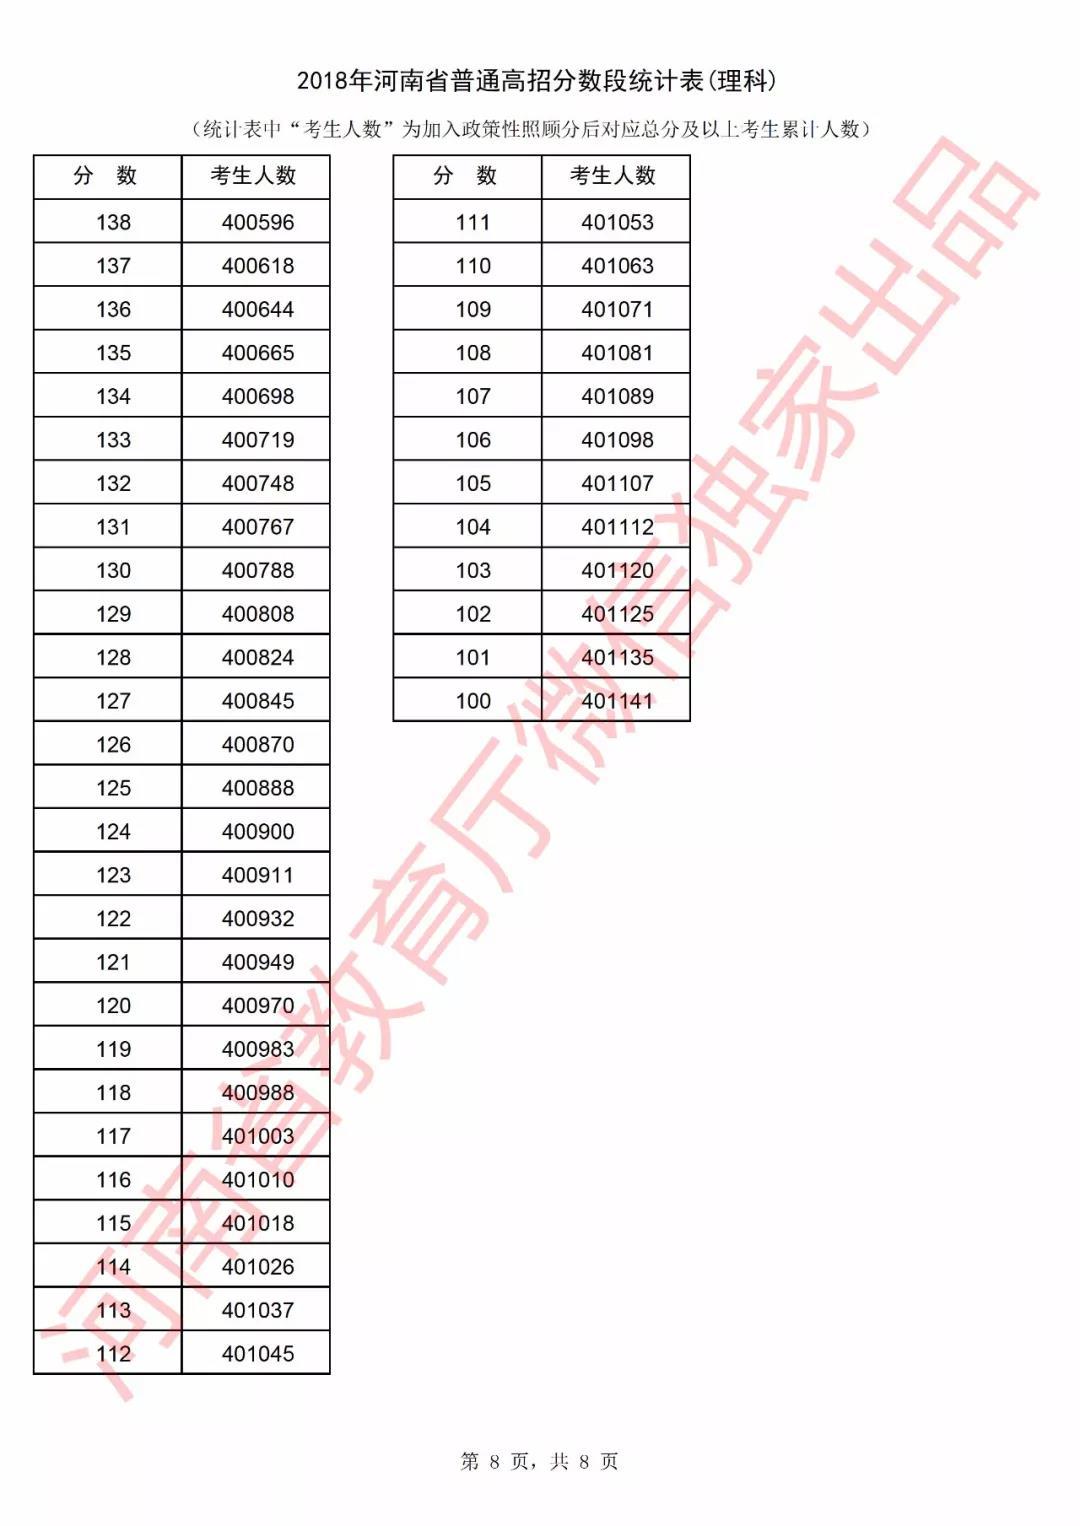 2018年河南省普通高招理科分数段统计表